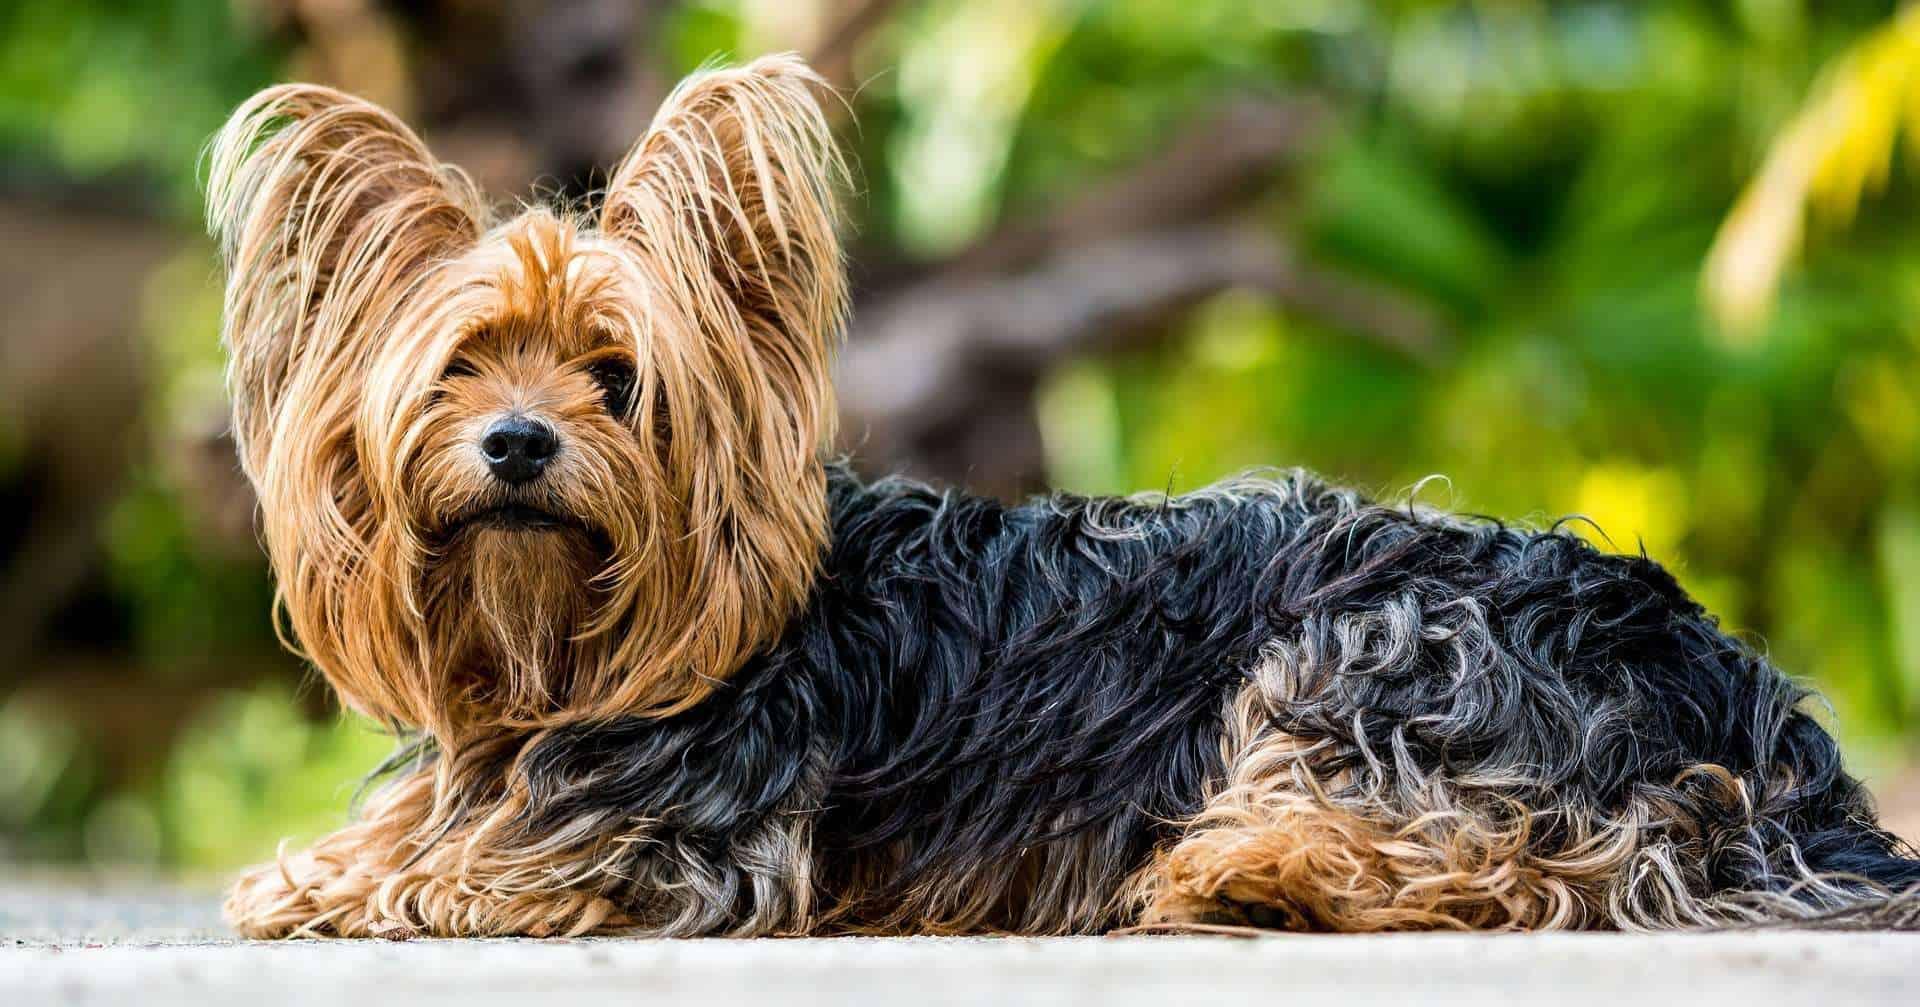 Hunde mit hoher Lebenserwartung, Yorkshire Terrier. /pixabay